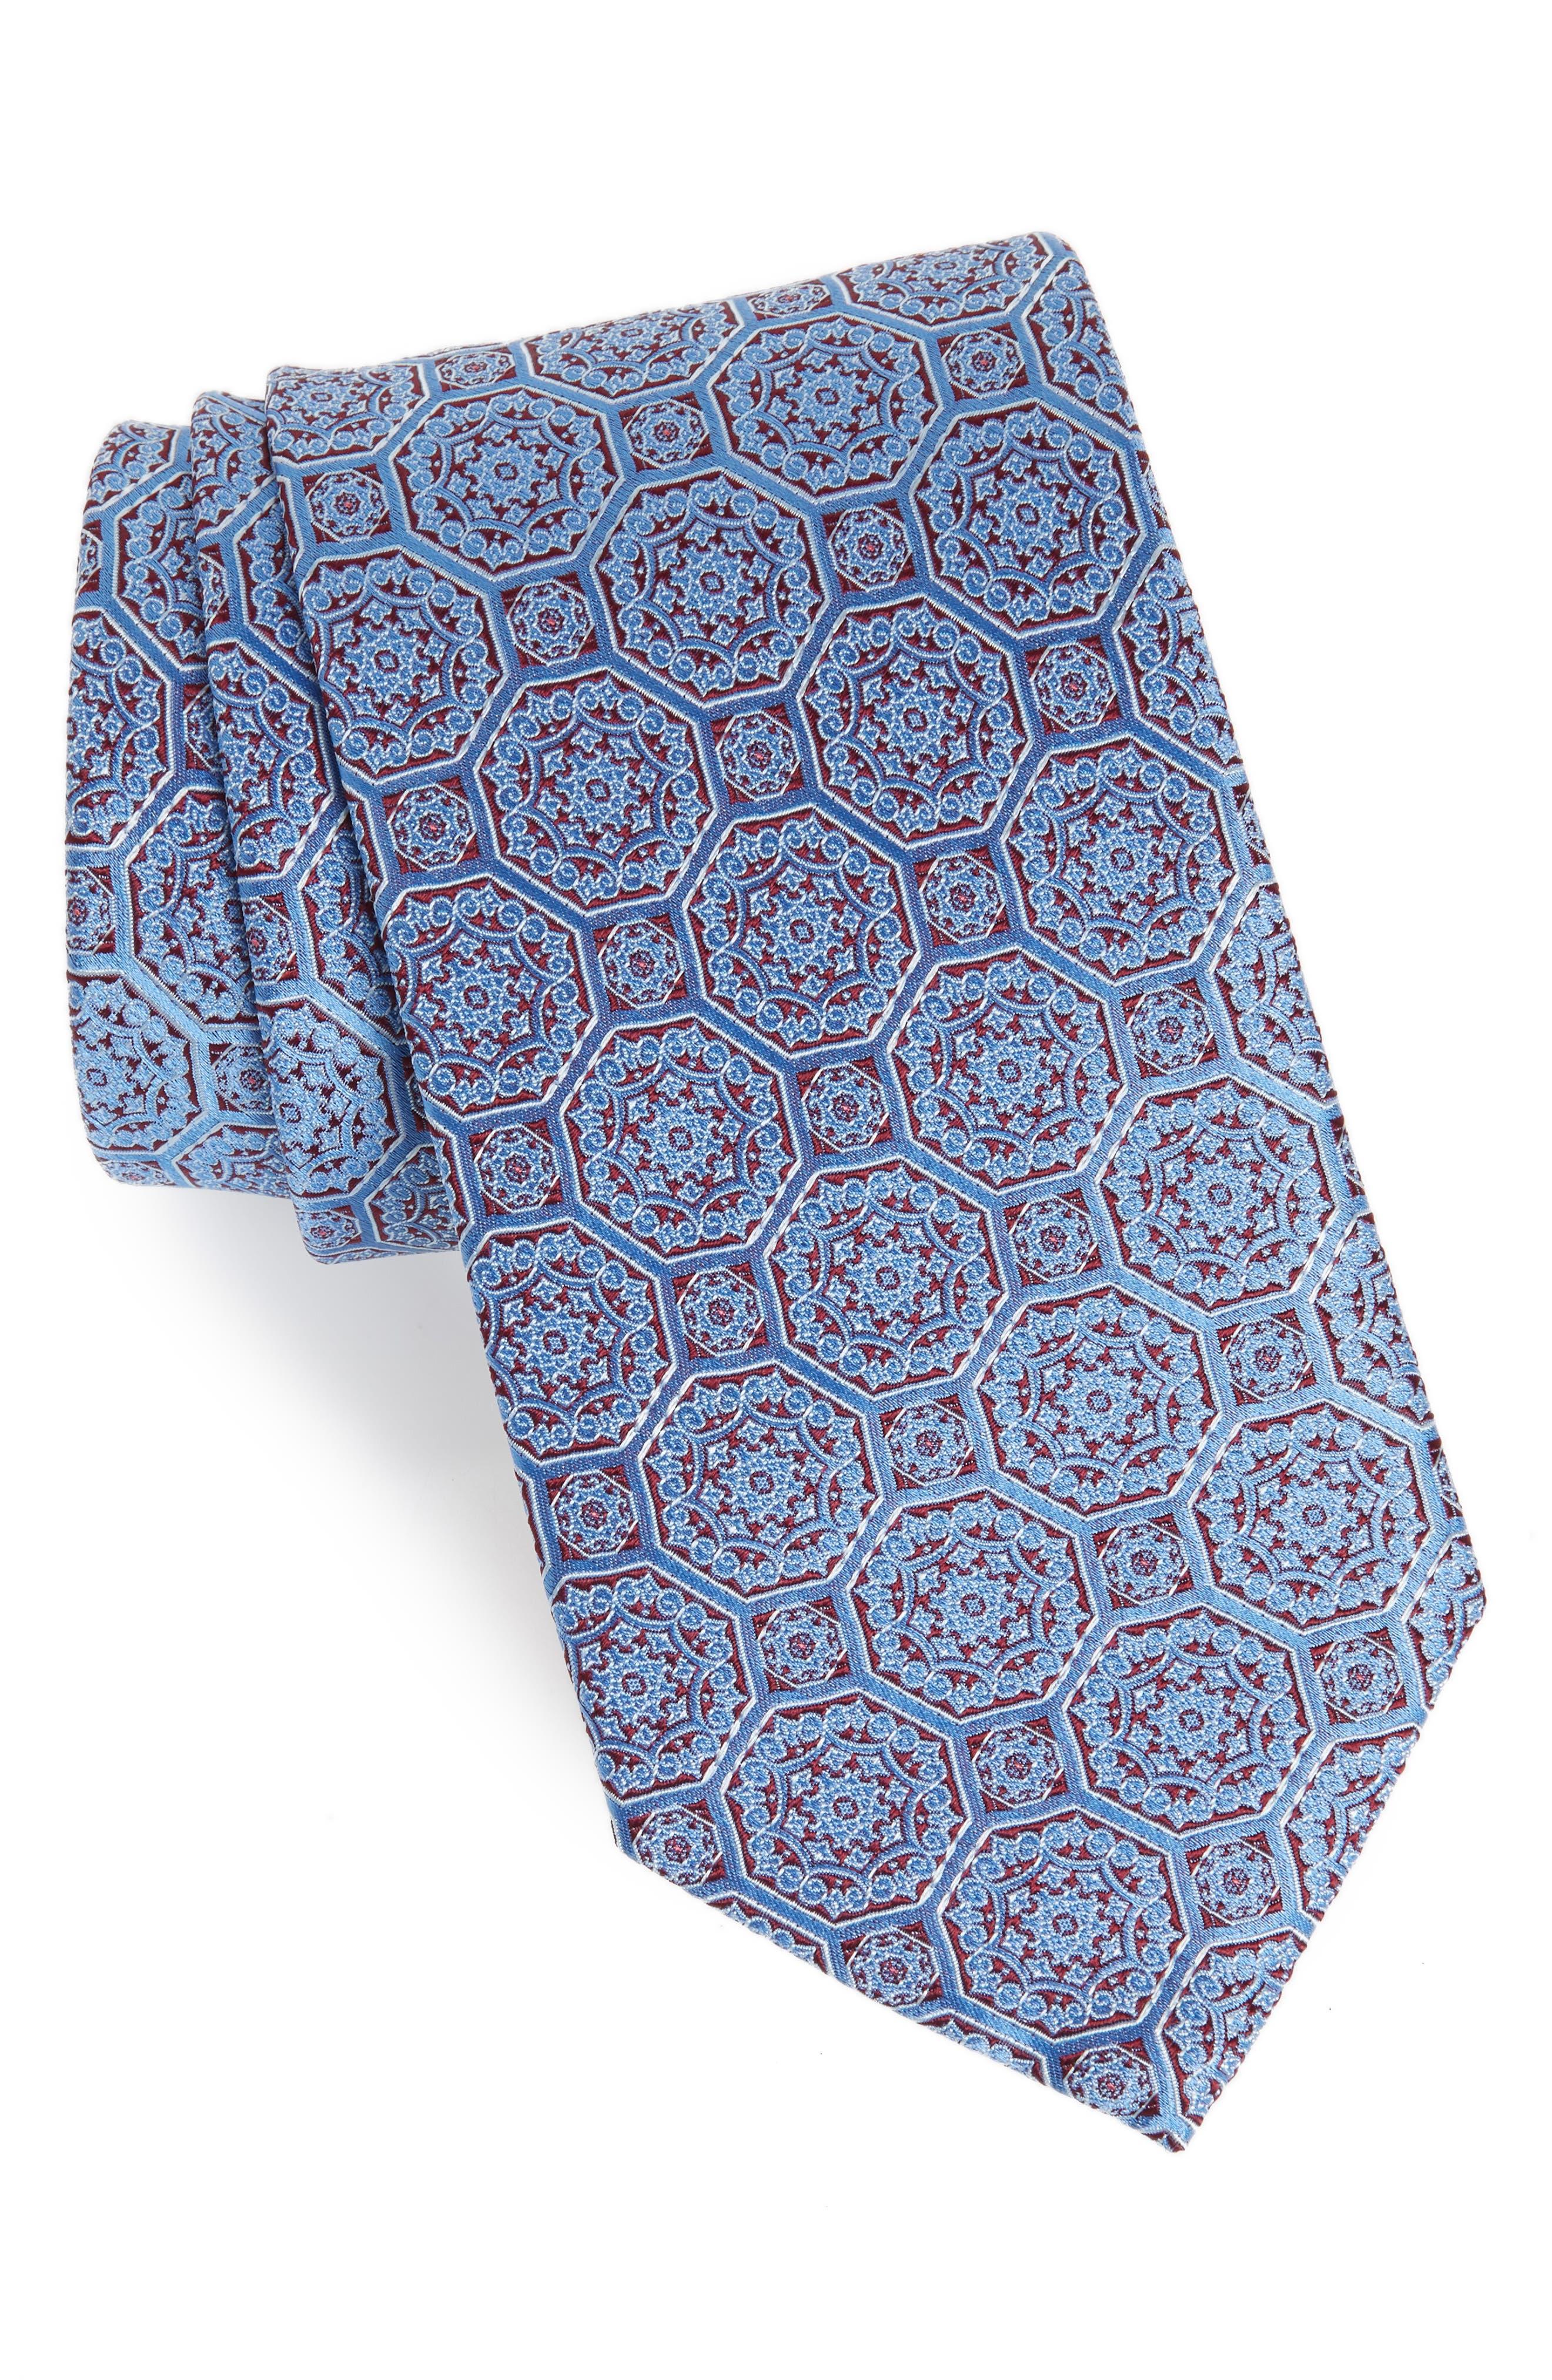 ETON Medallion Silk Tie, Main, color, 400